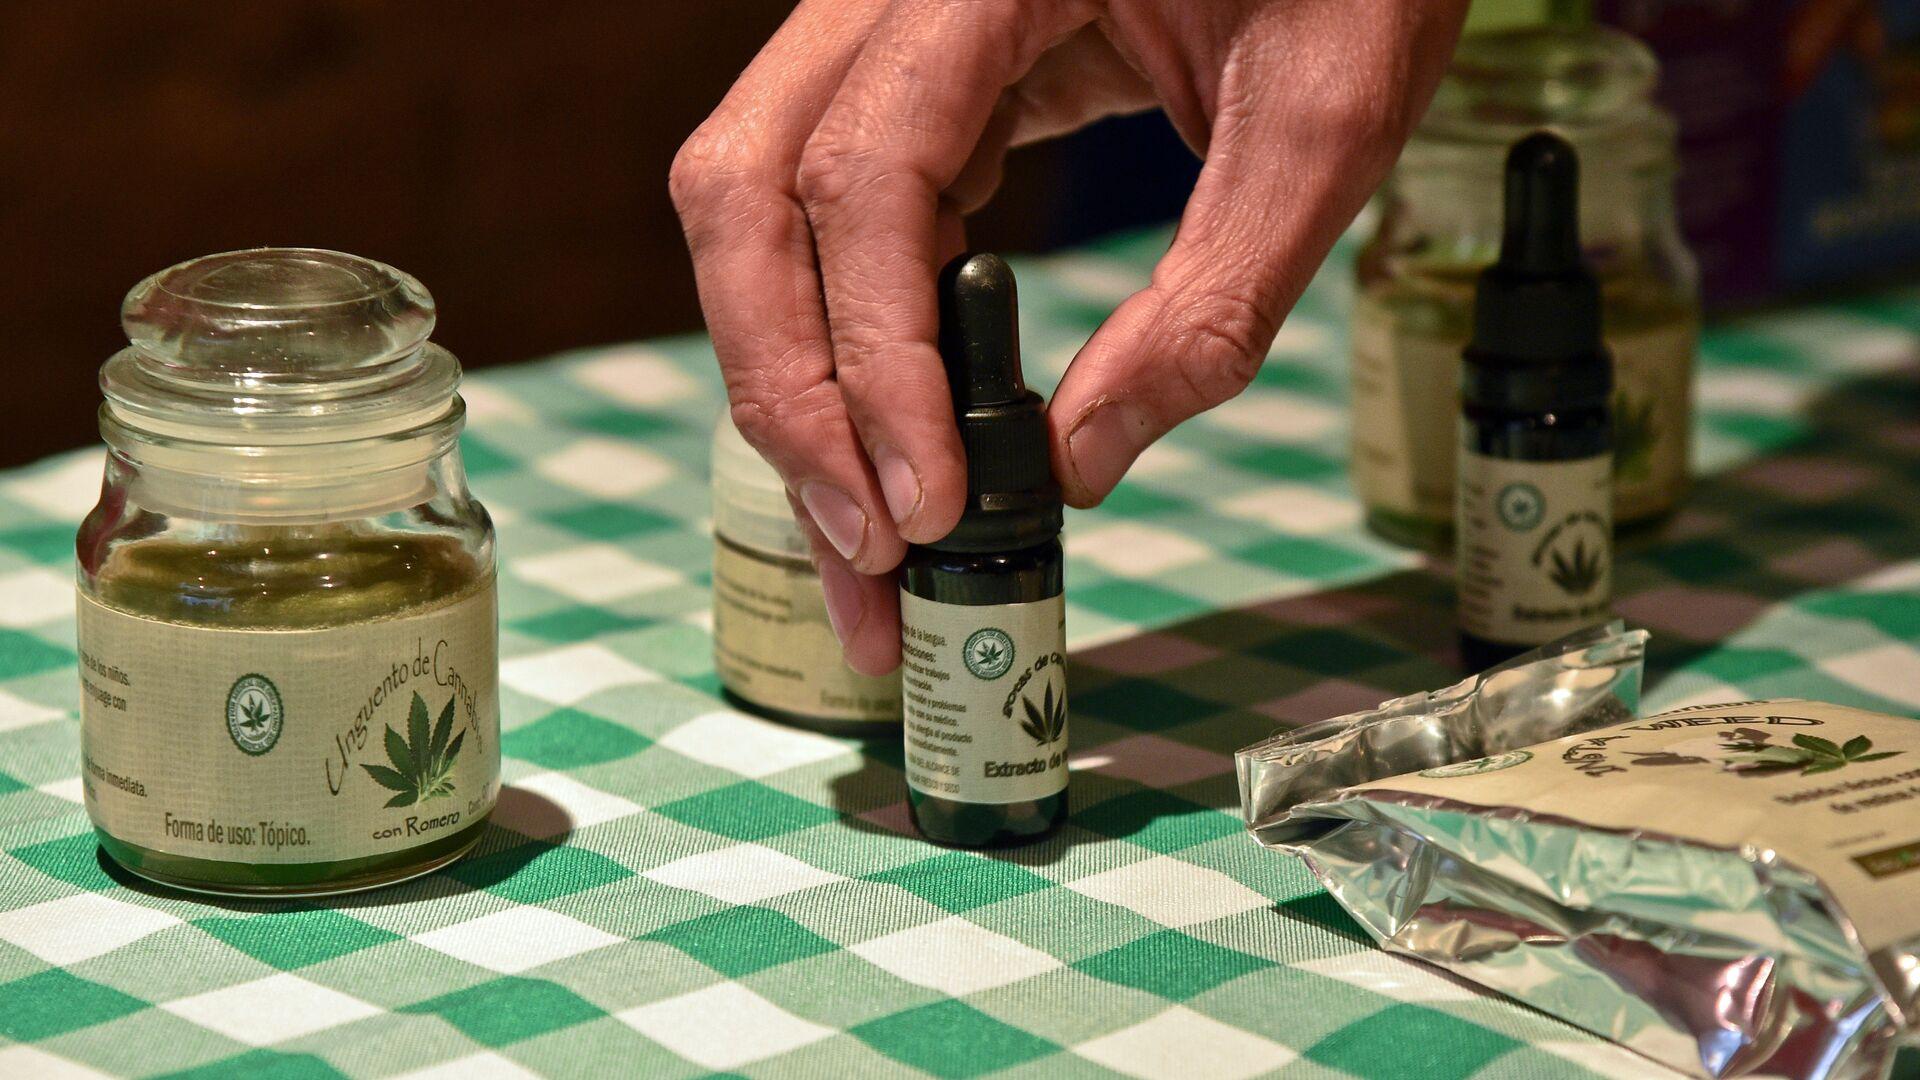 Productos del cannabis a medida para uso terapéutico - Sputnik Mundo, 1920, 14.10.2021